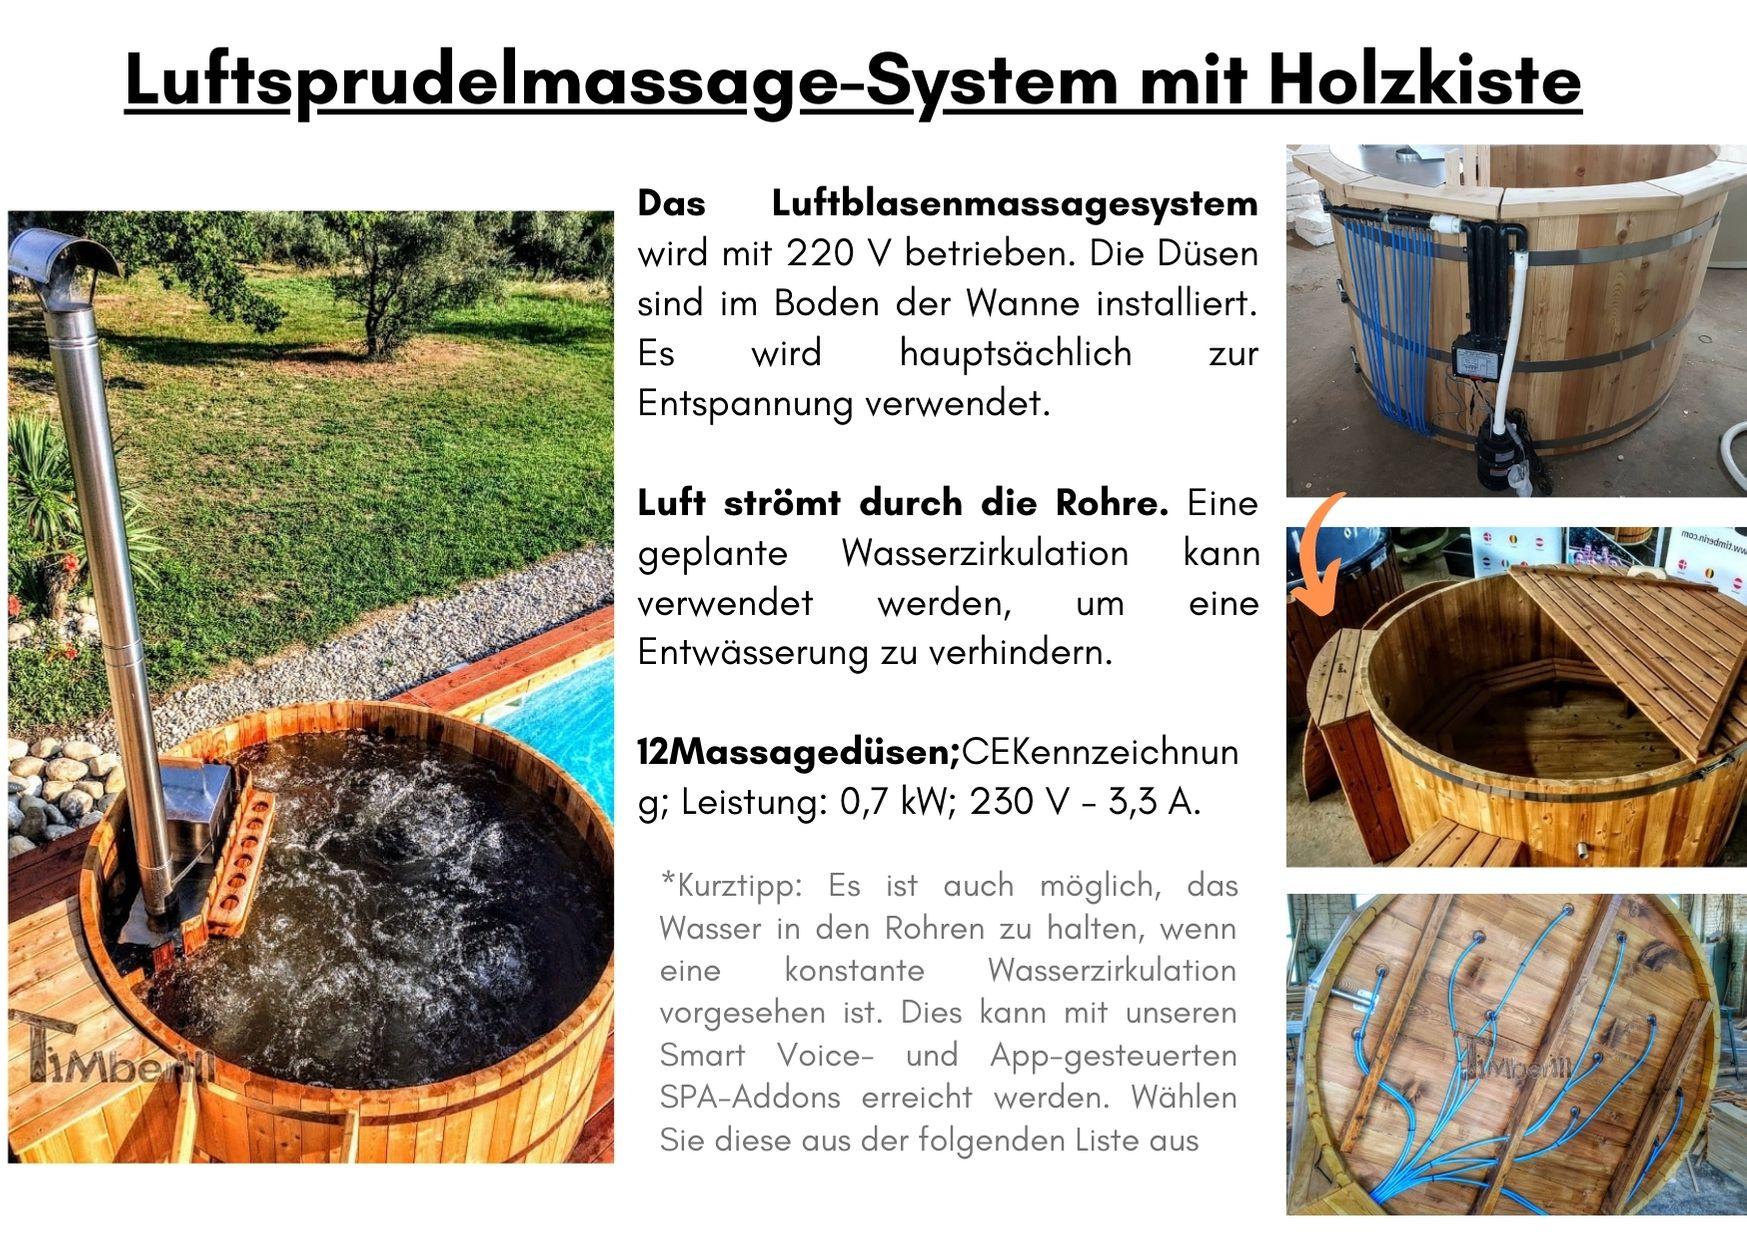 Luftsprudelmassage System mit Holzkiste